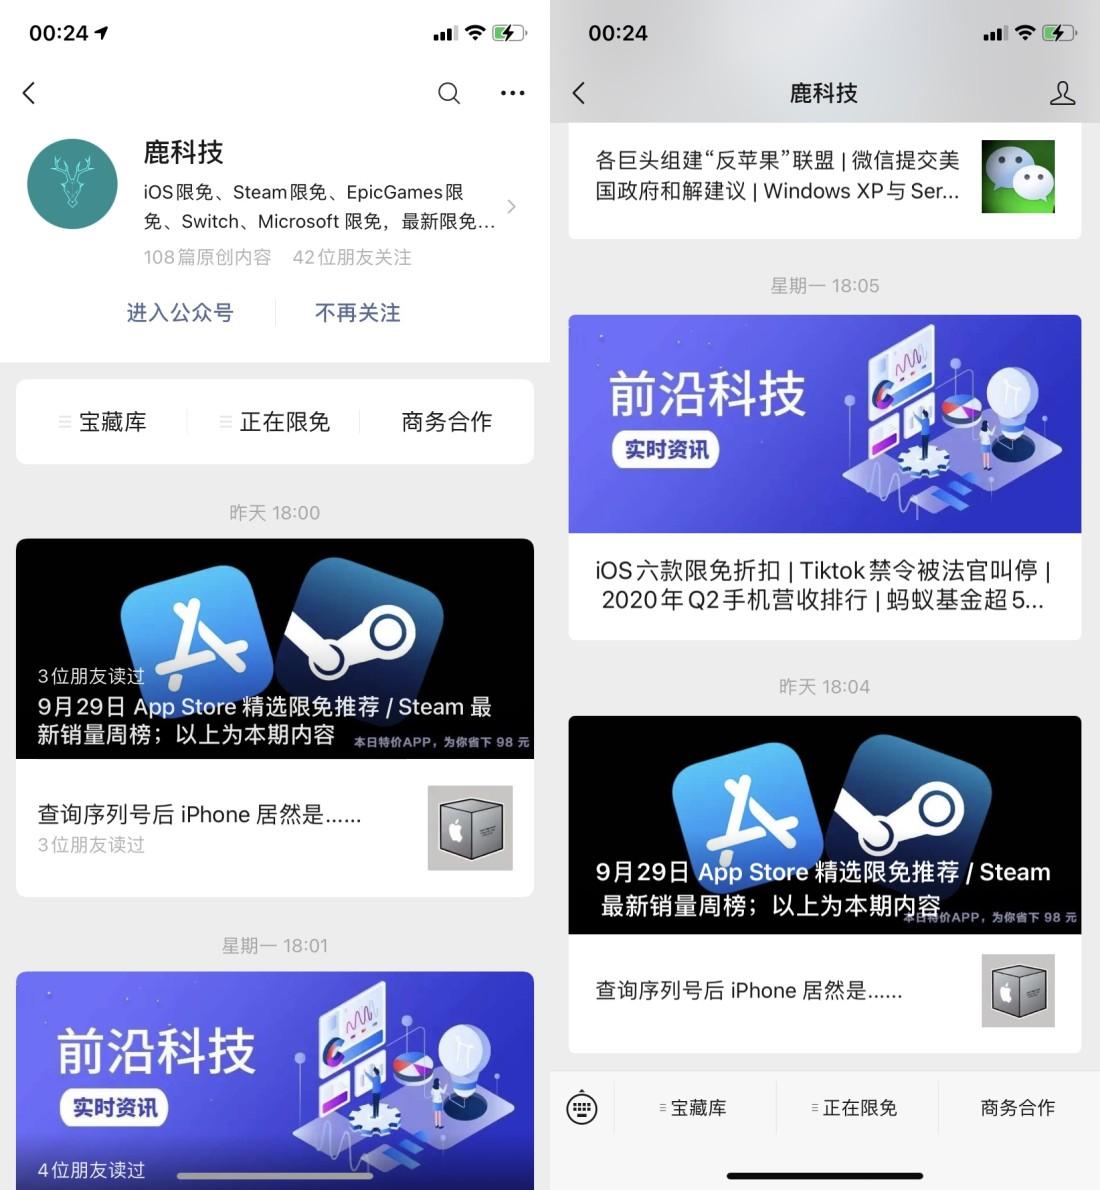 iOS每日限免 App Store 限免分享限时免费插图